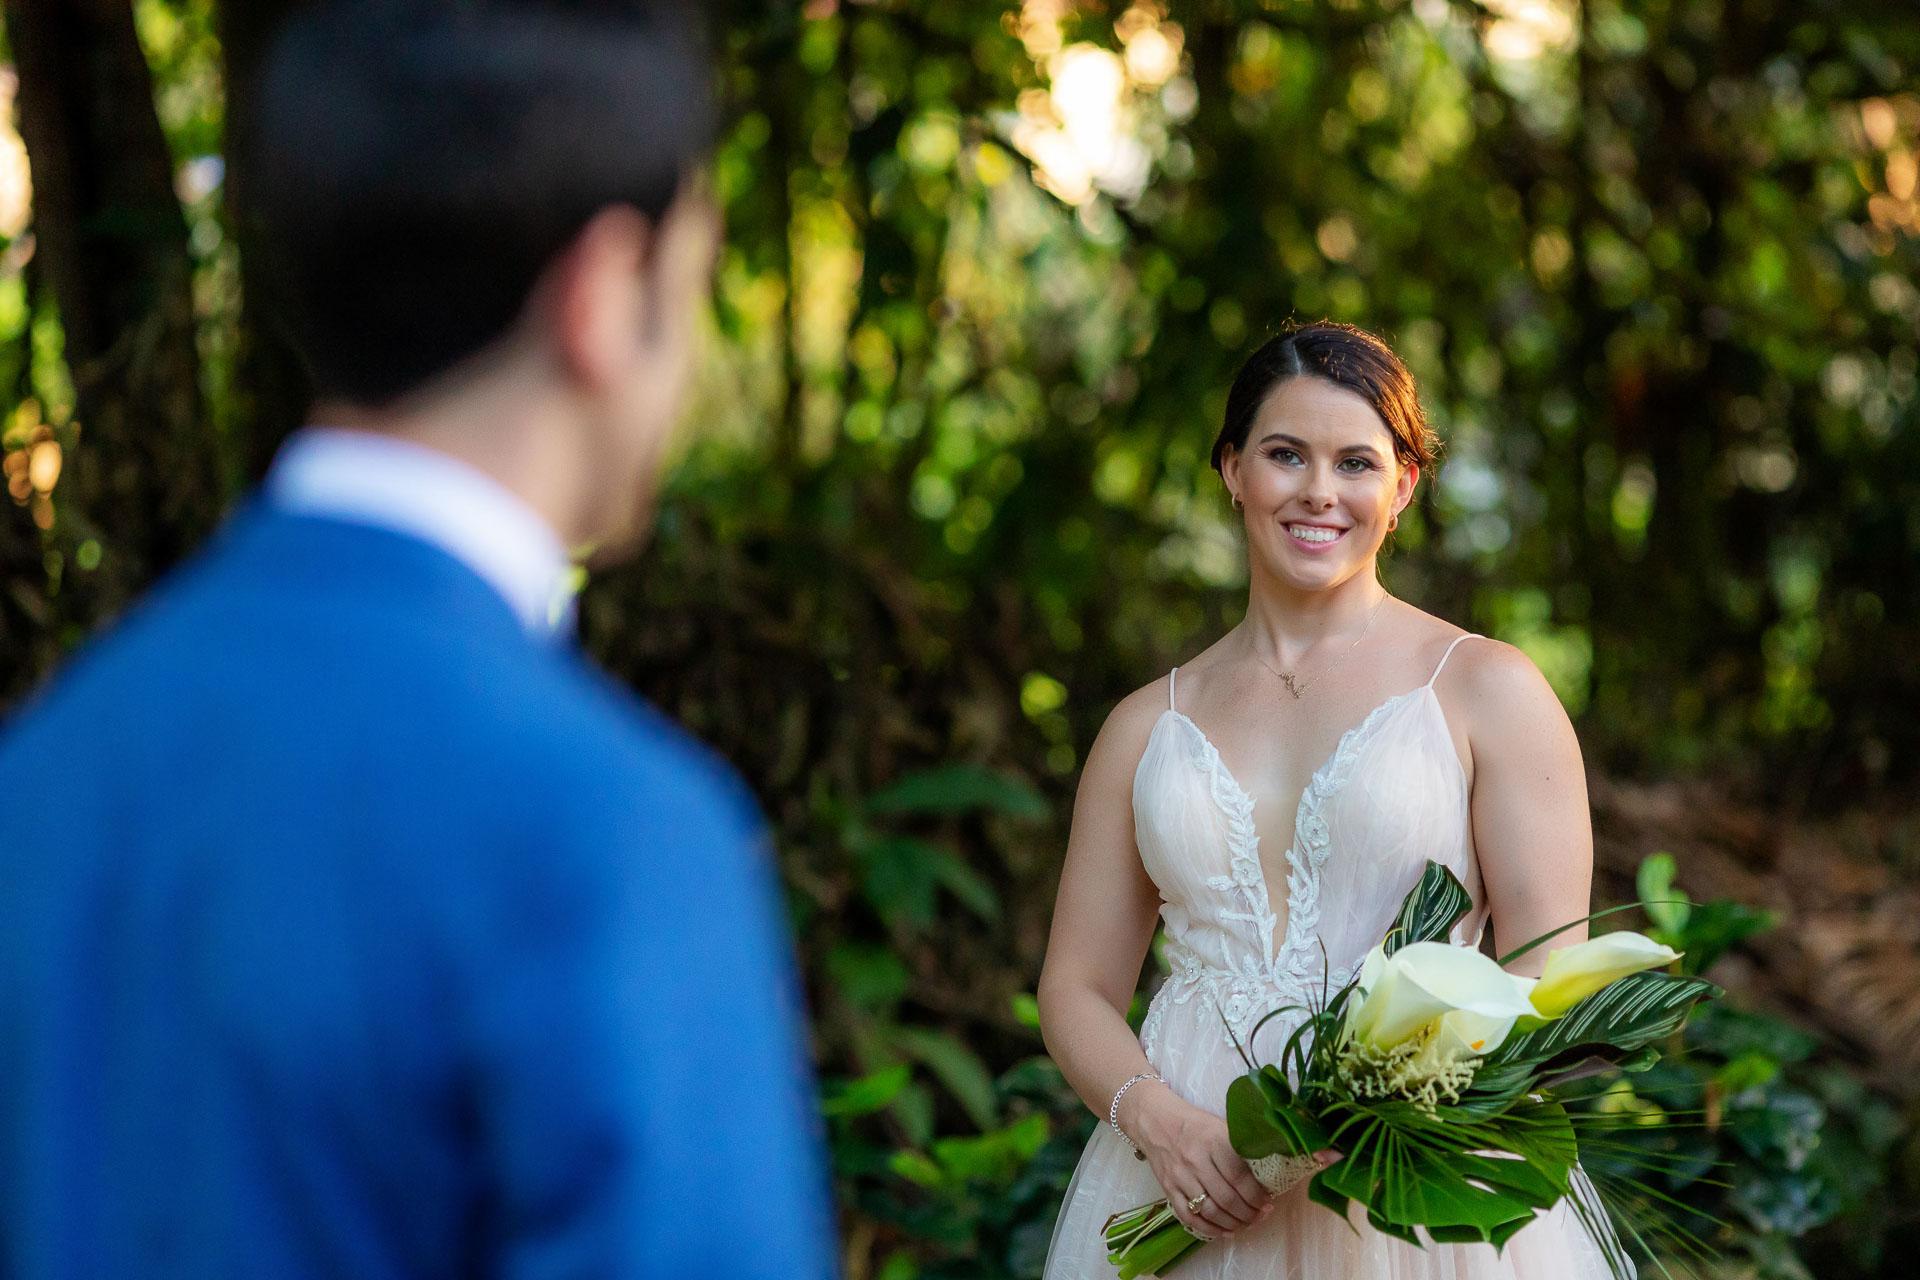 Jaco, Costa Rica Outdoor Wedding Bride/Groom Picture   the bride looking lovingly her man